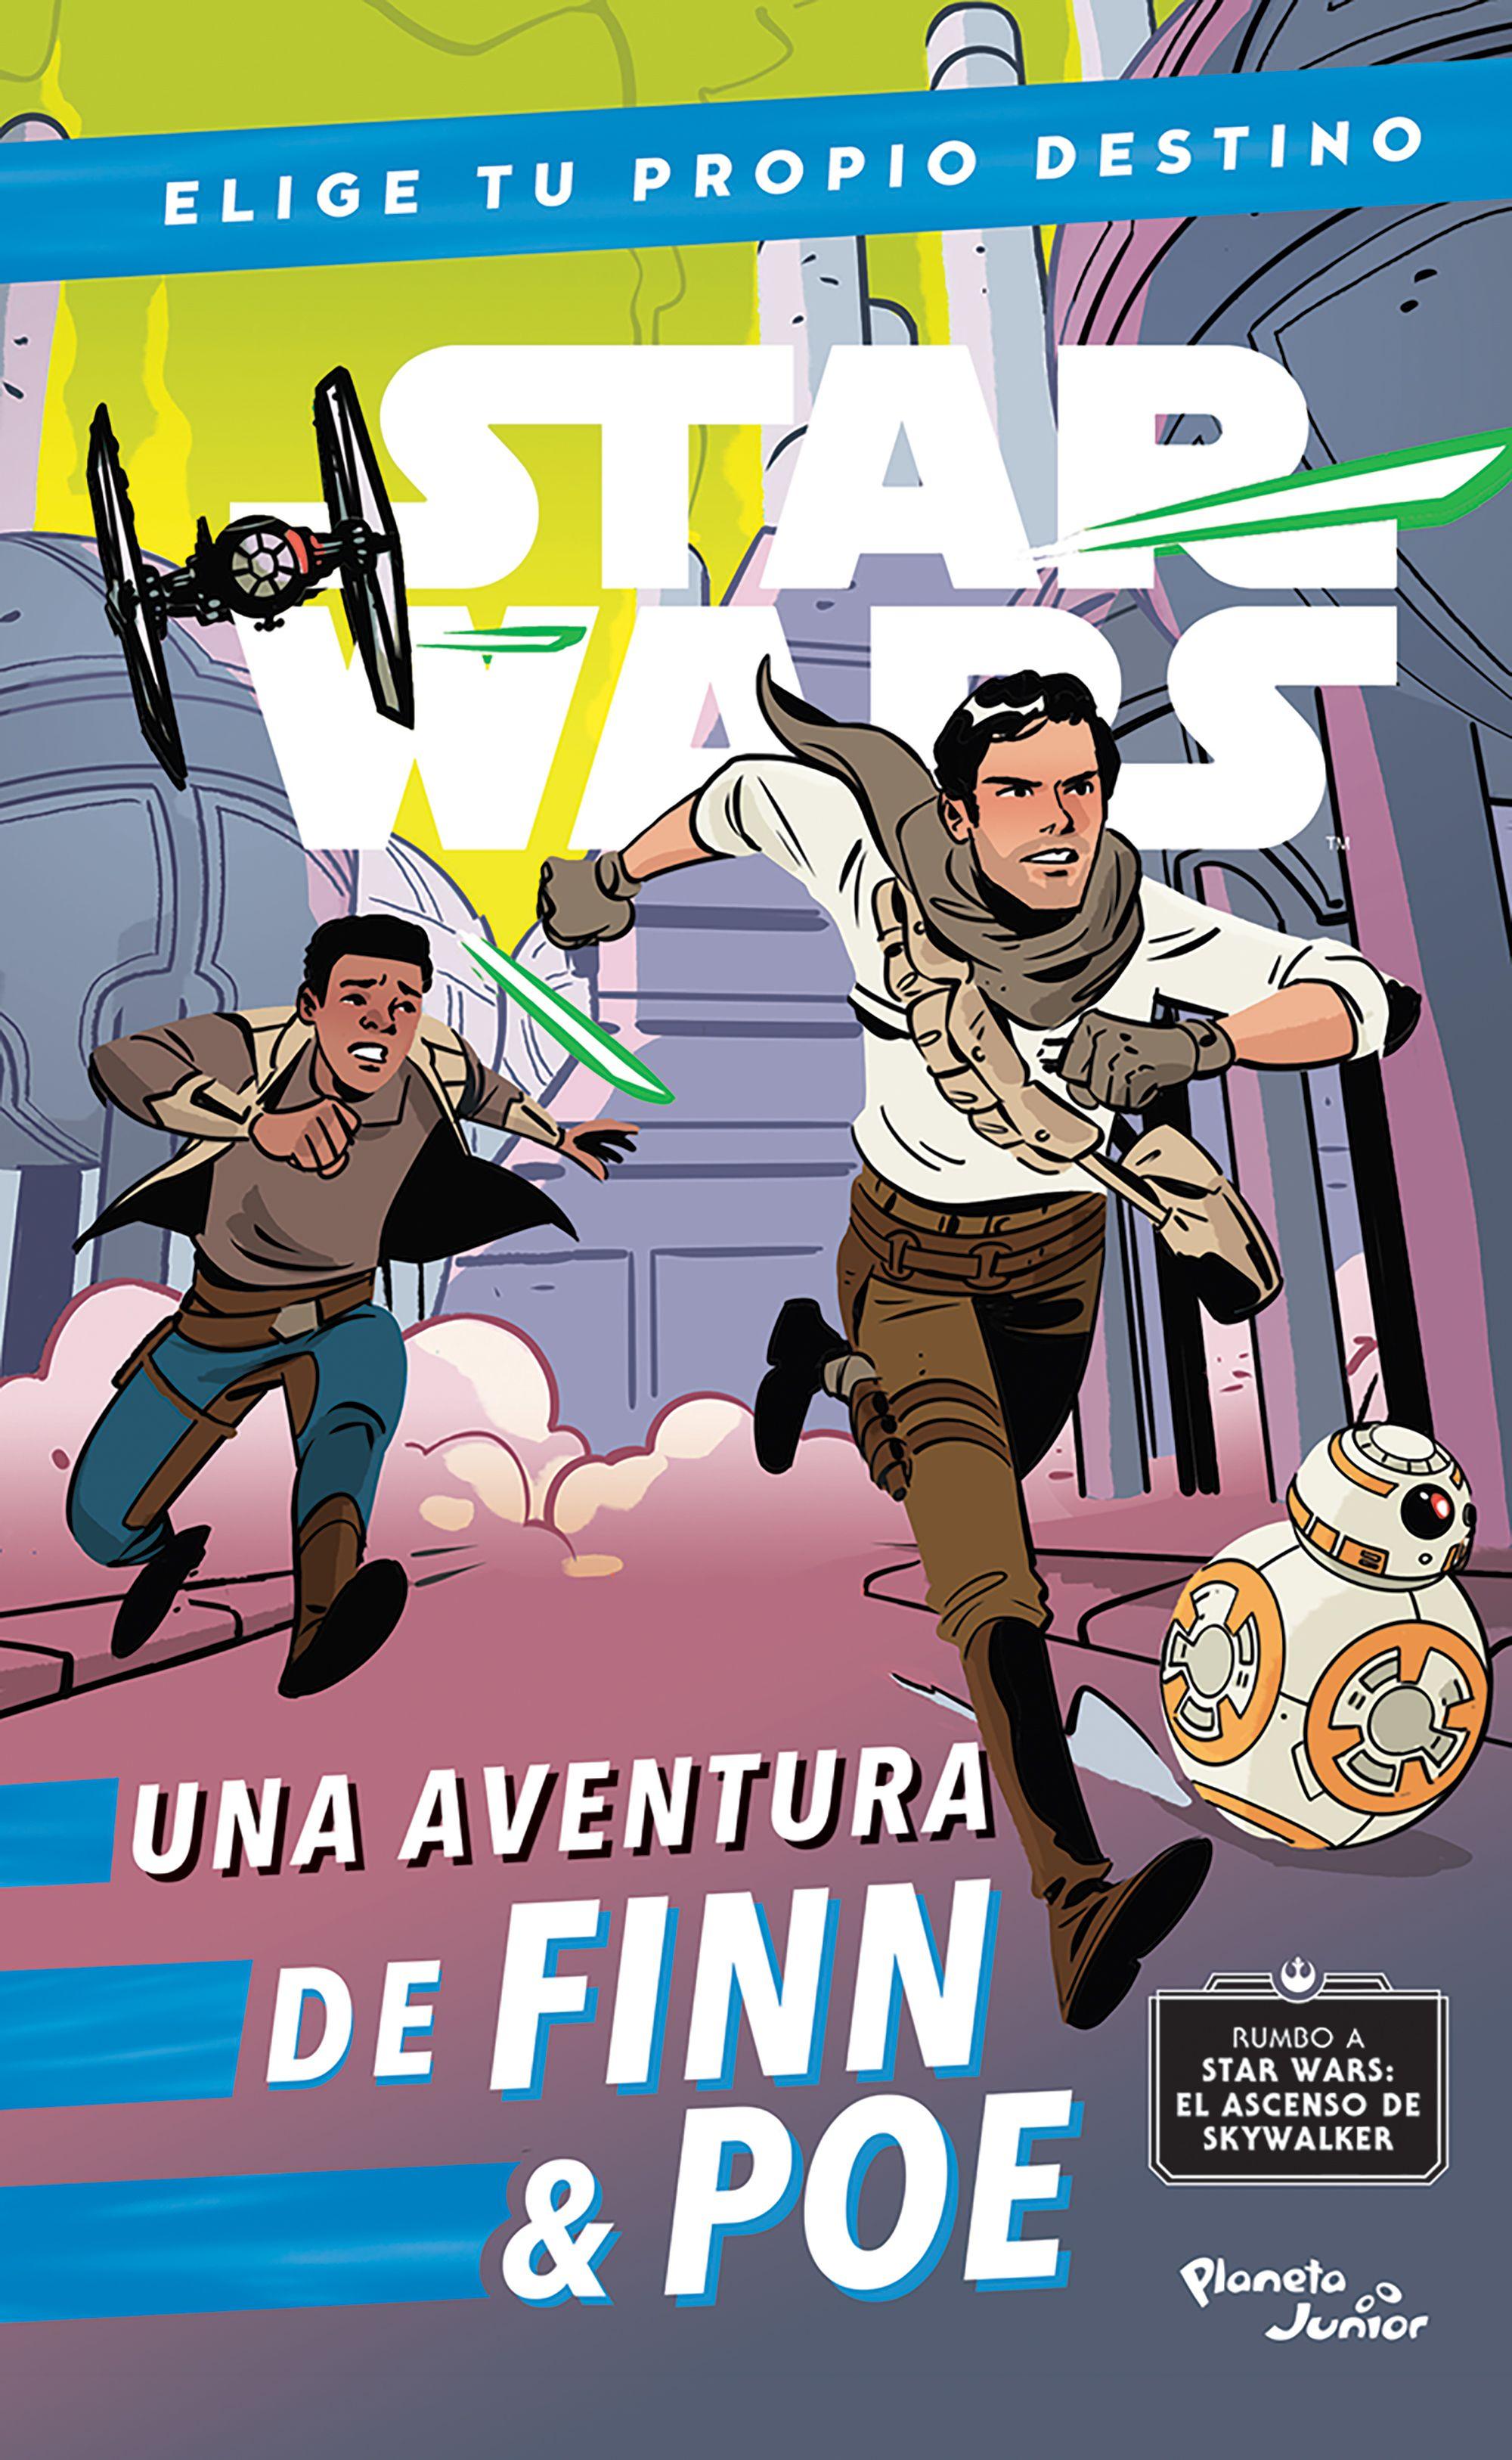 Elige Tu Propio Destino: Una Aventura de Finn & Poe